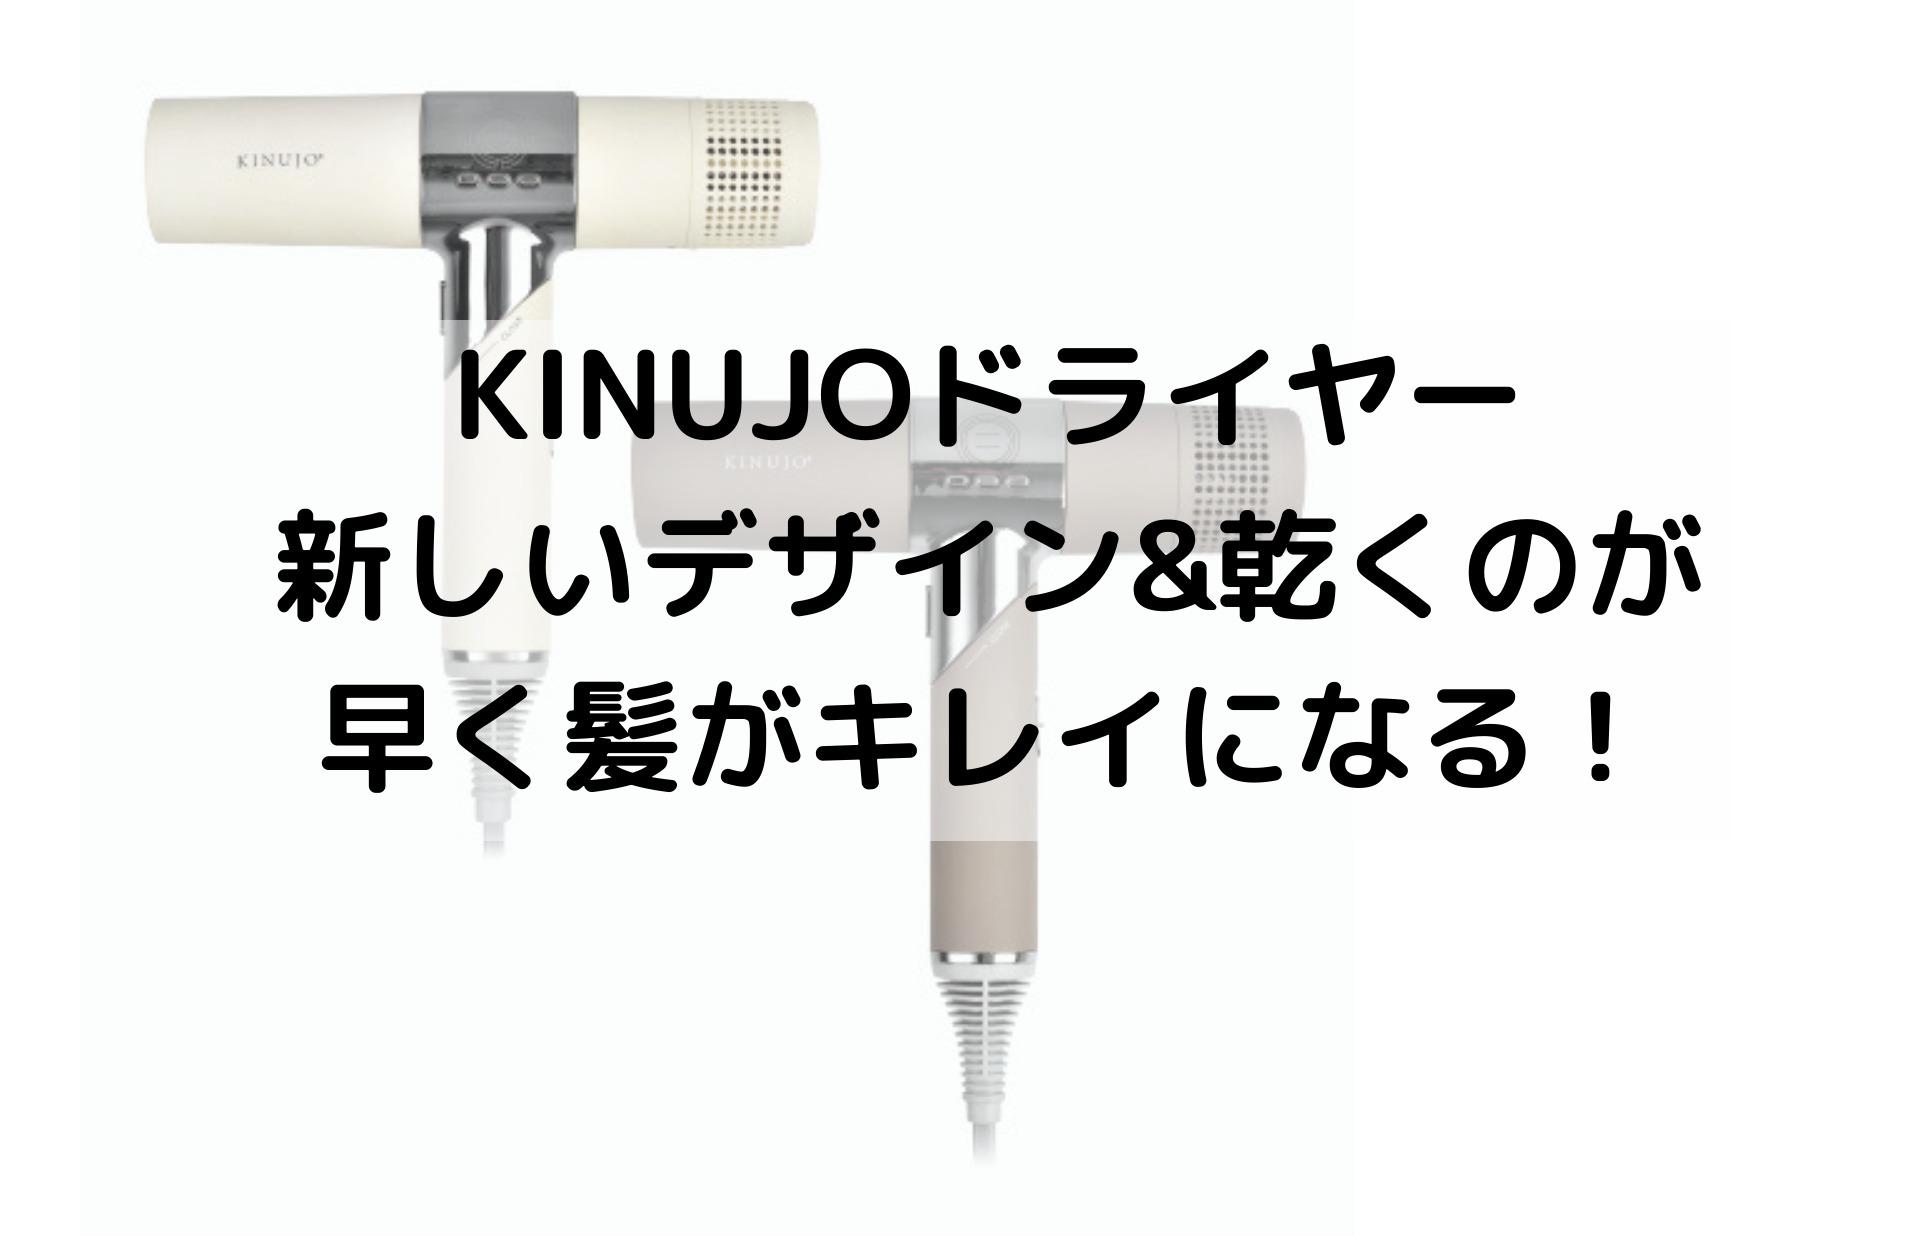 KINUJOドライヤー 新しいデザイン&乾くのが早く髪がキレイになる!